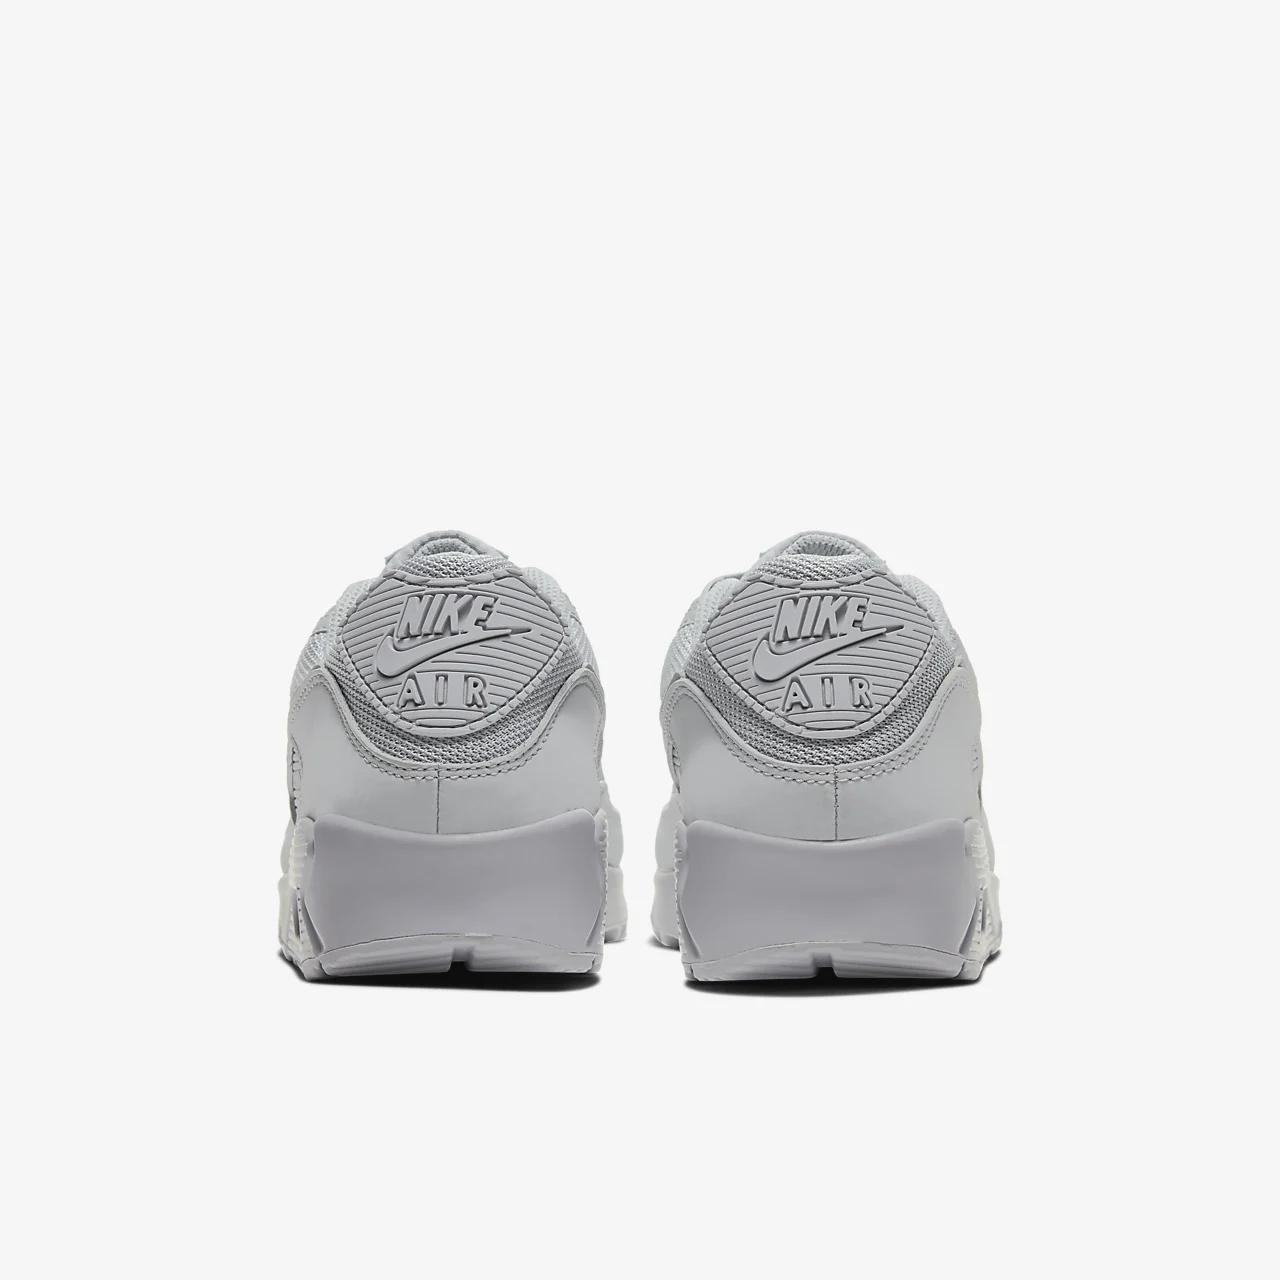 나이키 에어 맥스 90 남자 신발 CN8490-001